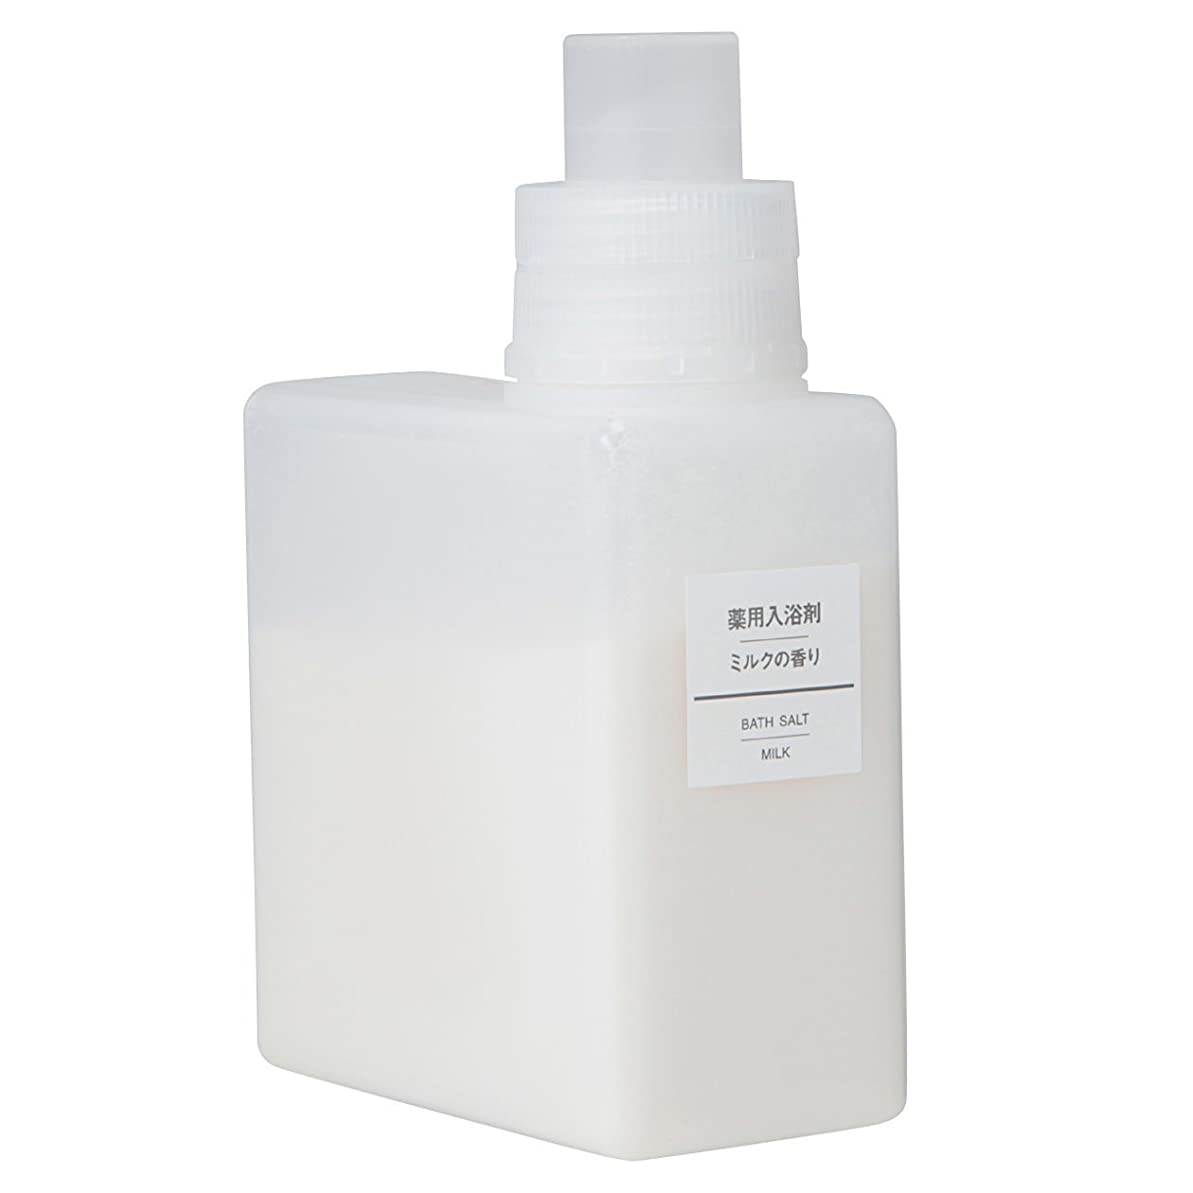 メアリアンジョーンズ受益者廊下無印良品 薬用入浴剤?ミルクの香り (新)500g 日本製